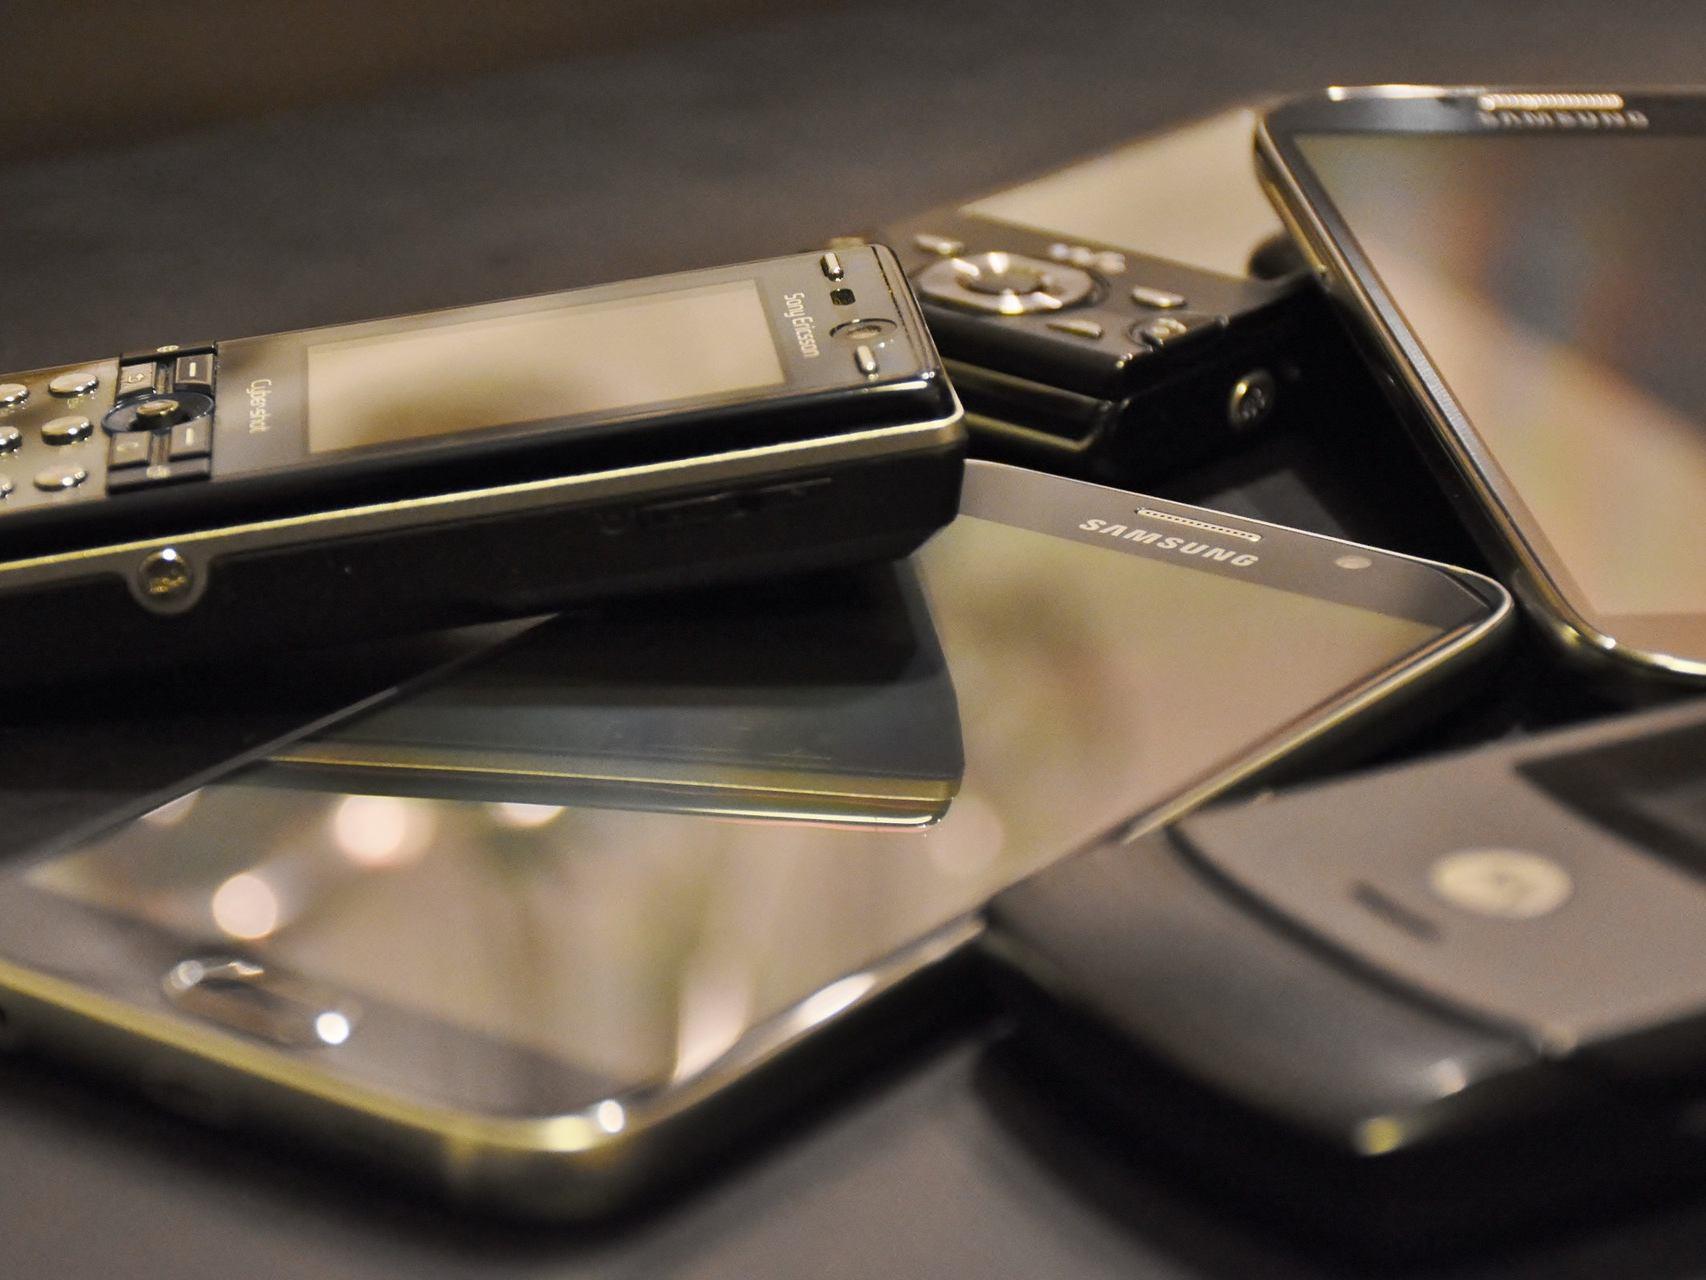 Einige alte Handys und Smartphones liegen auf einem Tisch